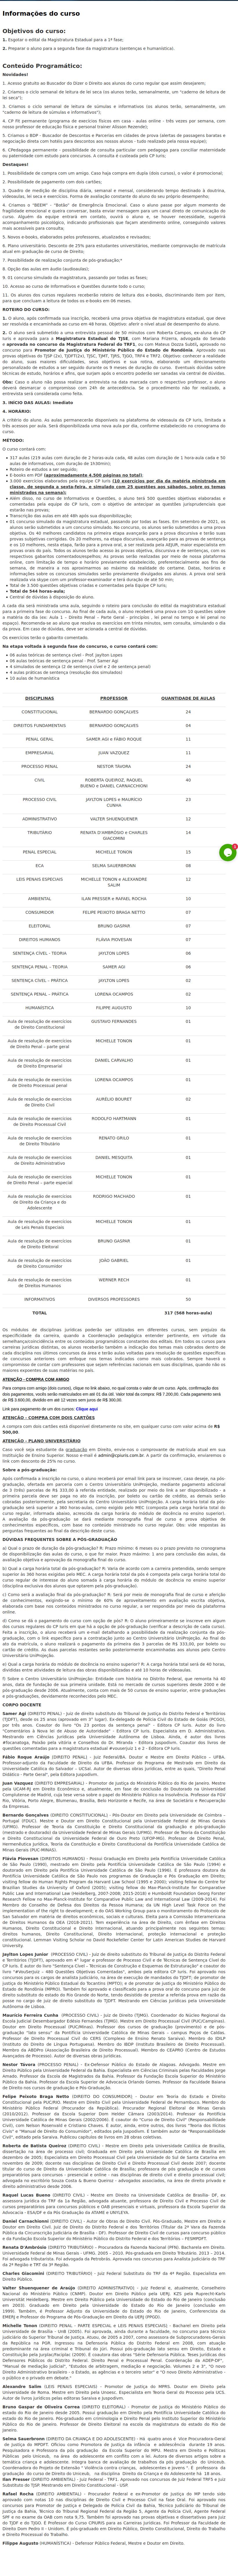 Magis 8 2021 - Magistratura Estadual.png